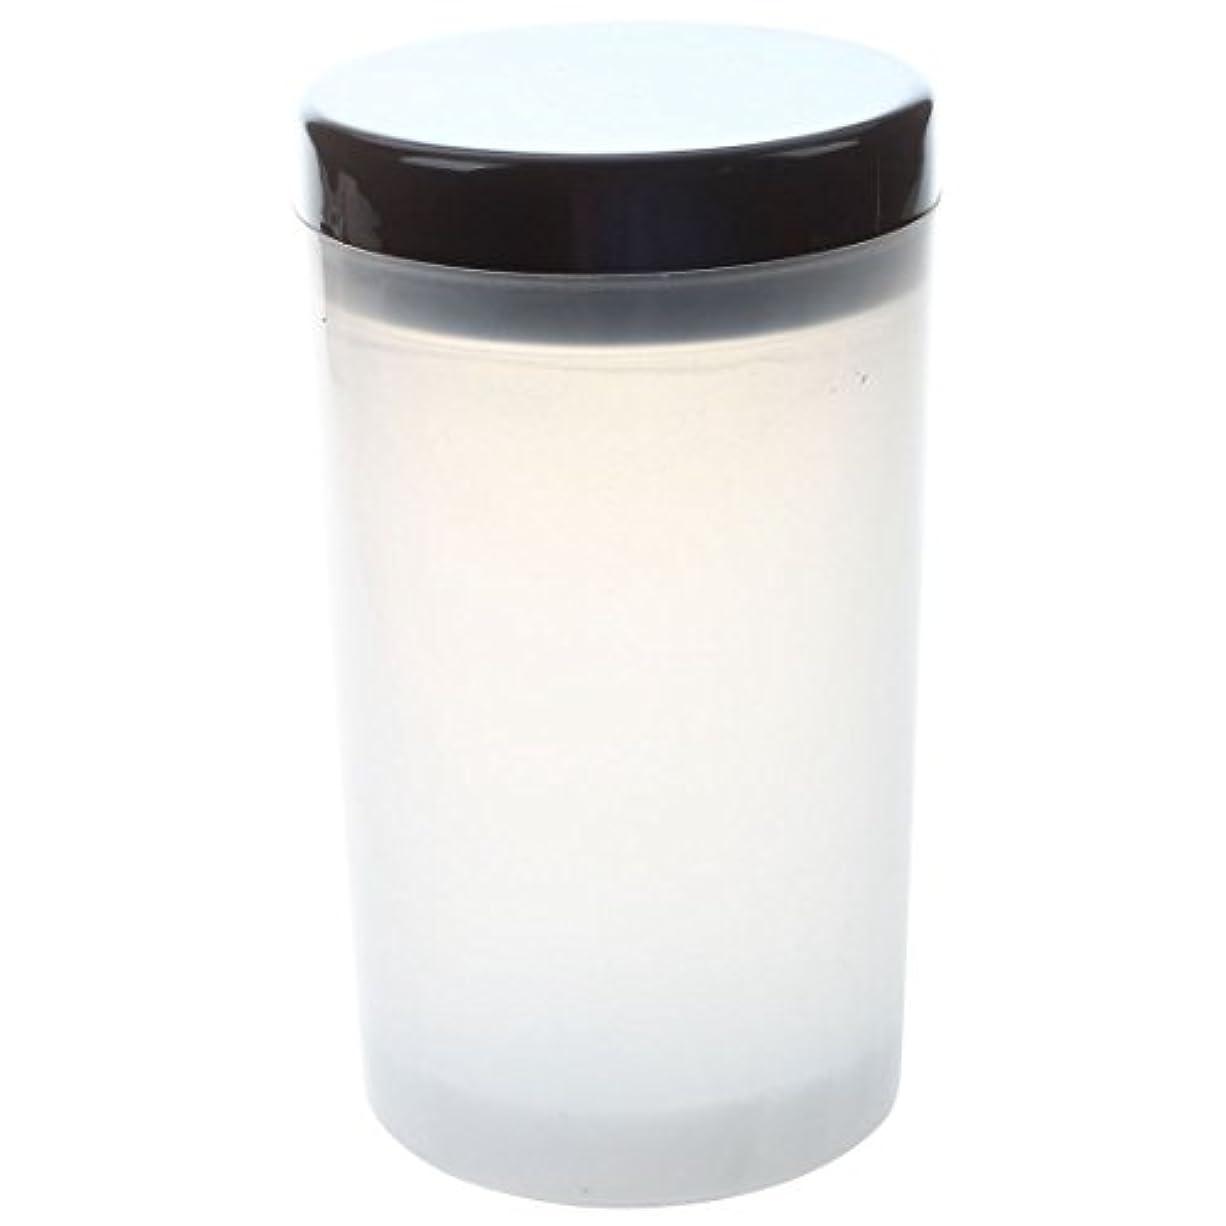 限界木許容できるACAMPTAR ネイルアートチップブラシホルダー リムーバーカップカップ浸漬ブラシ クリーナーボトル